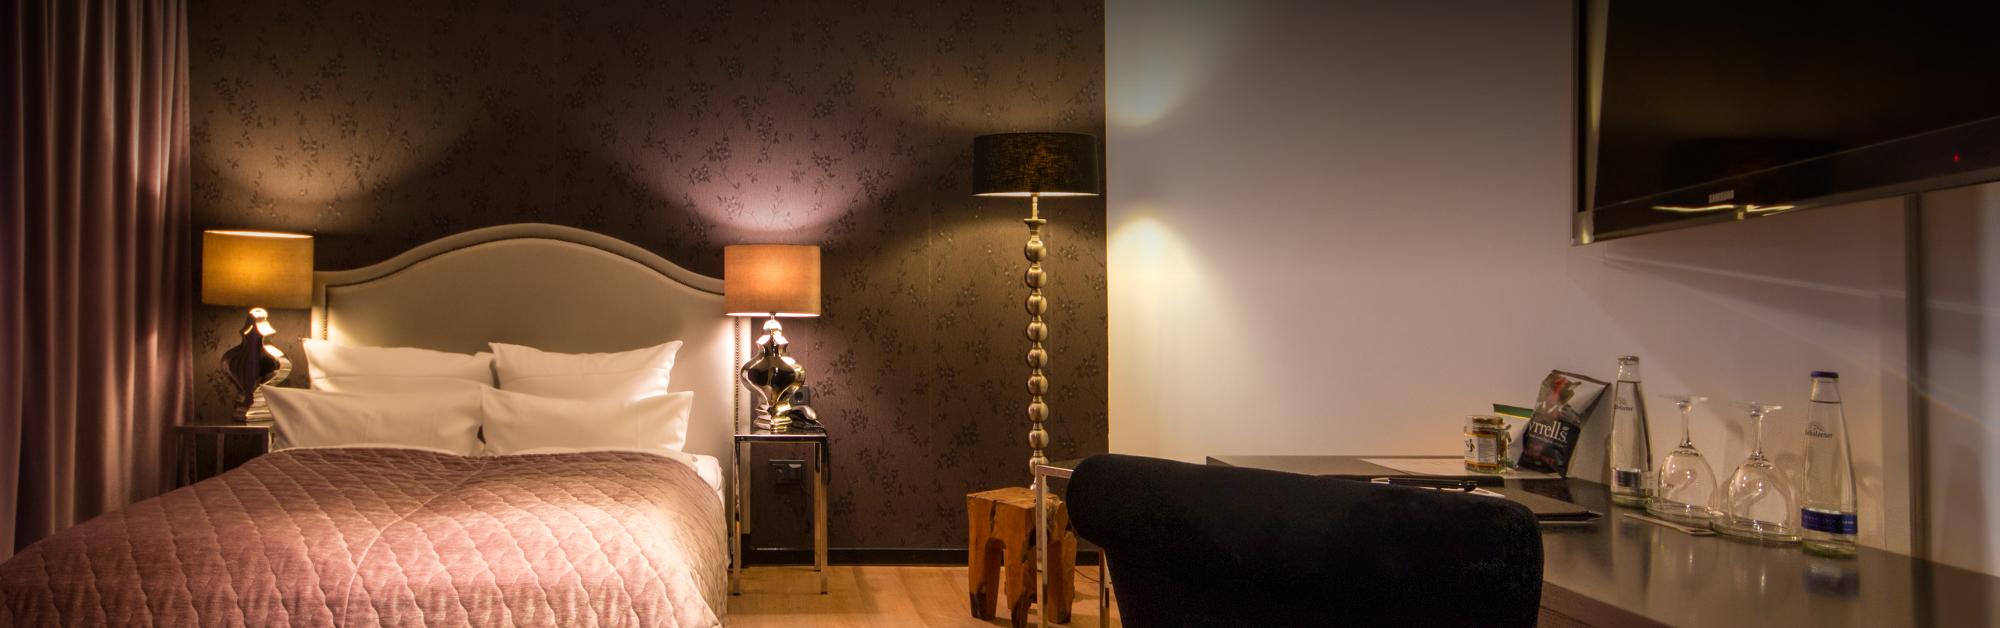 rooms-007.jpg